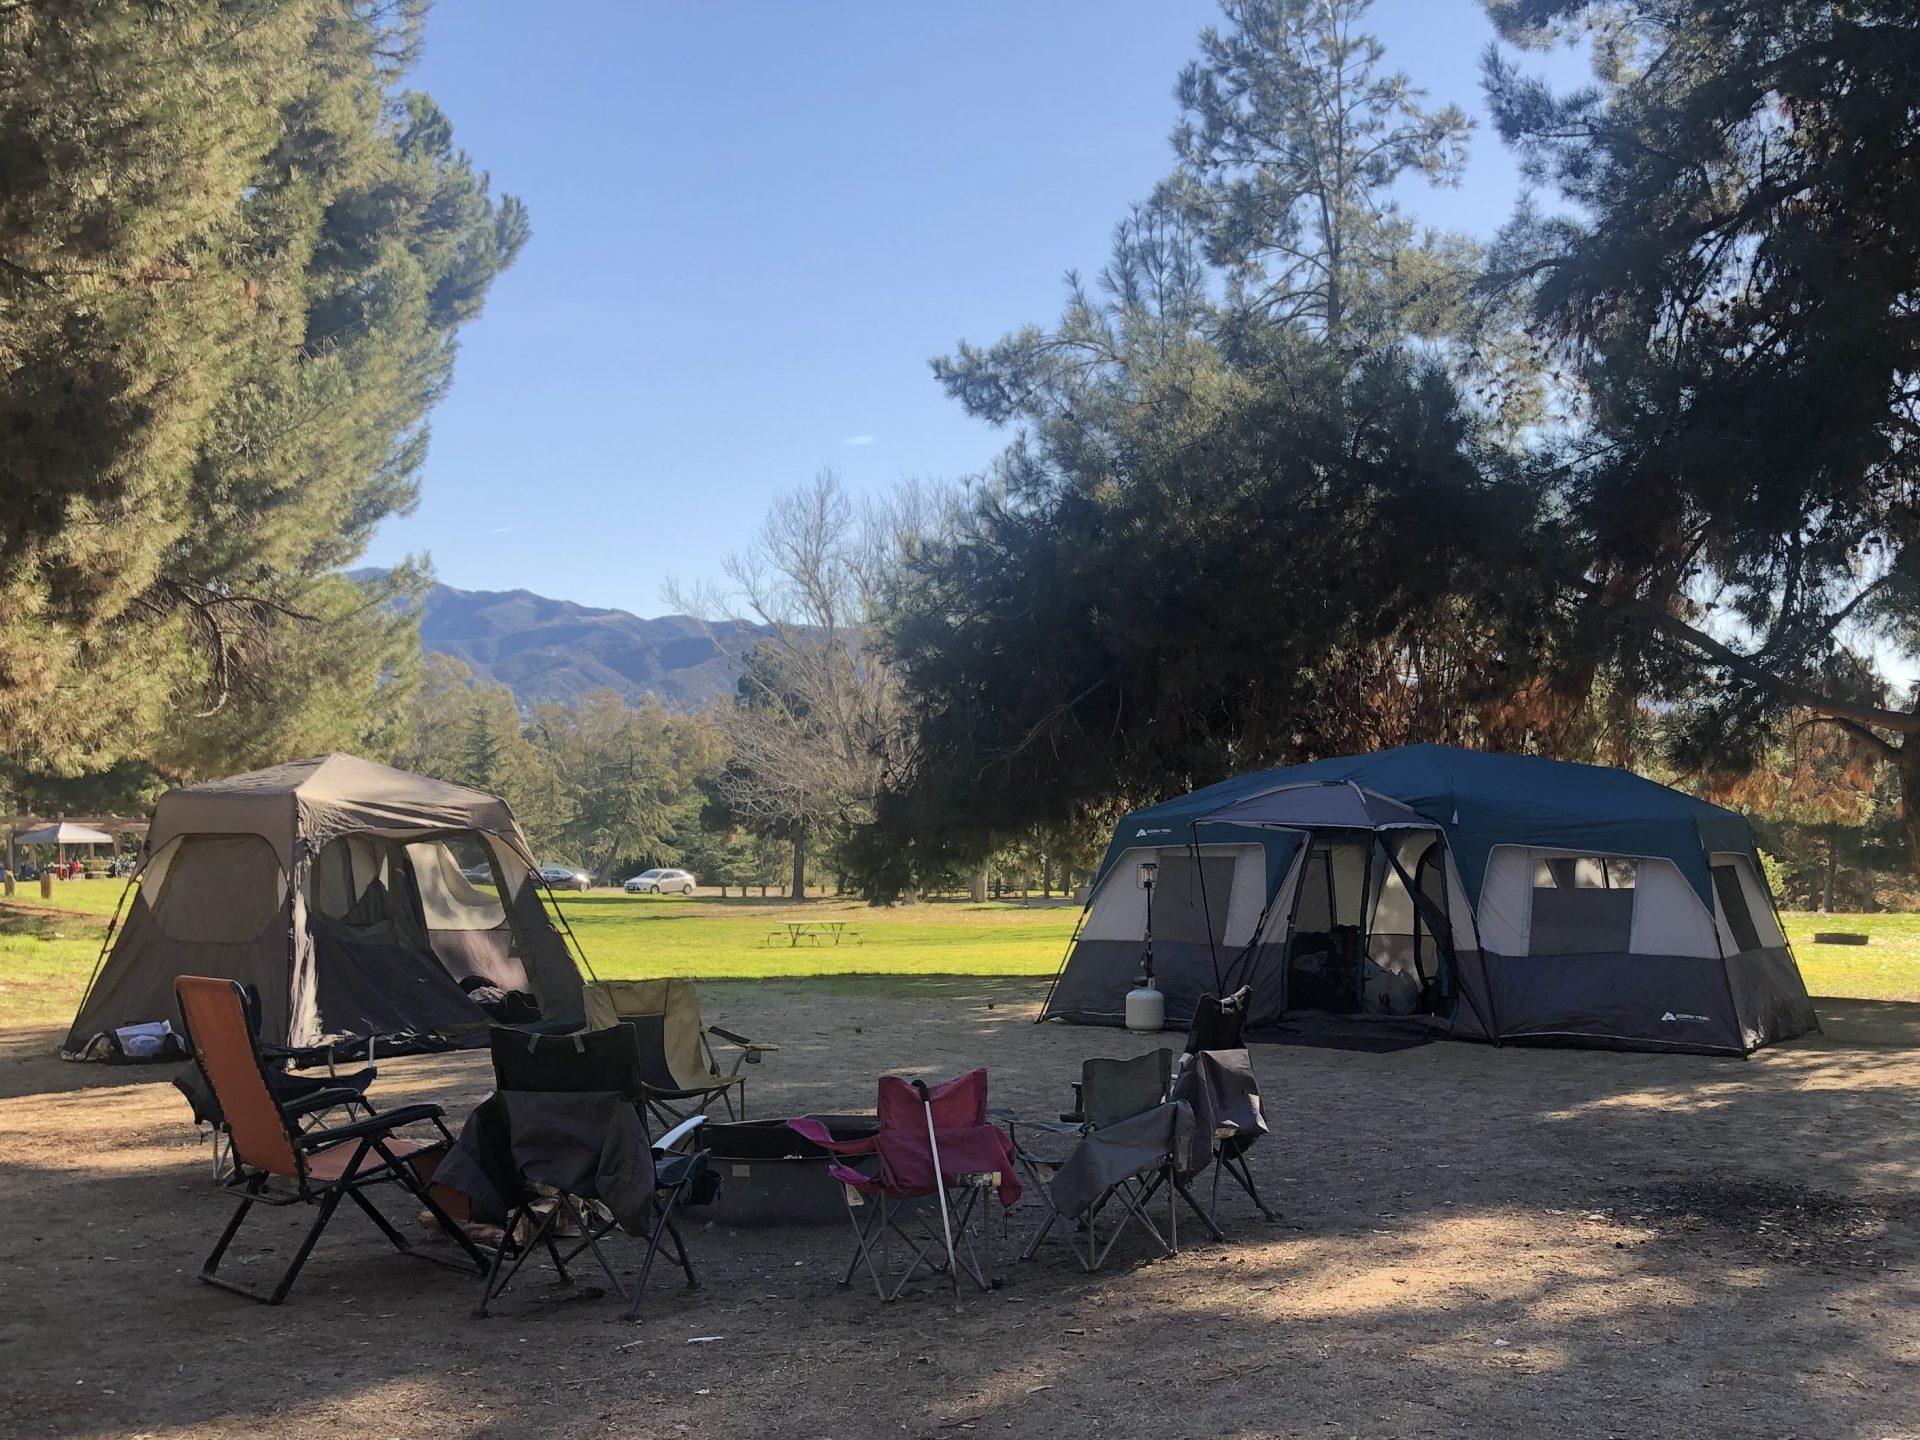 2 tents at Yucaipa Camping ground